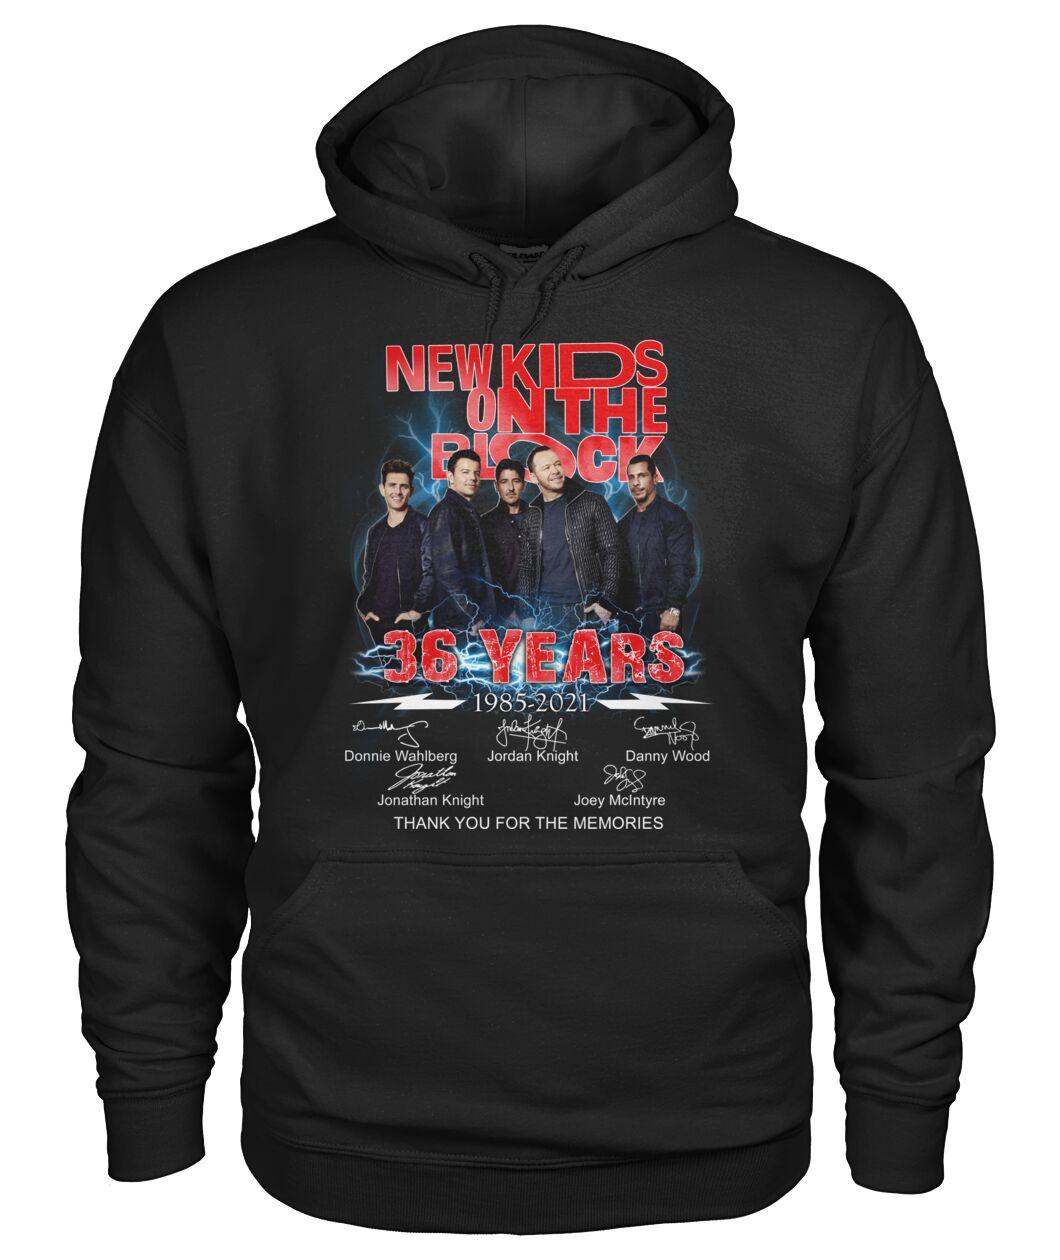 New Kids On The Block 36 Years 1985 - 2021 Shirt 12